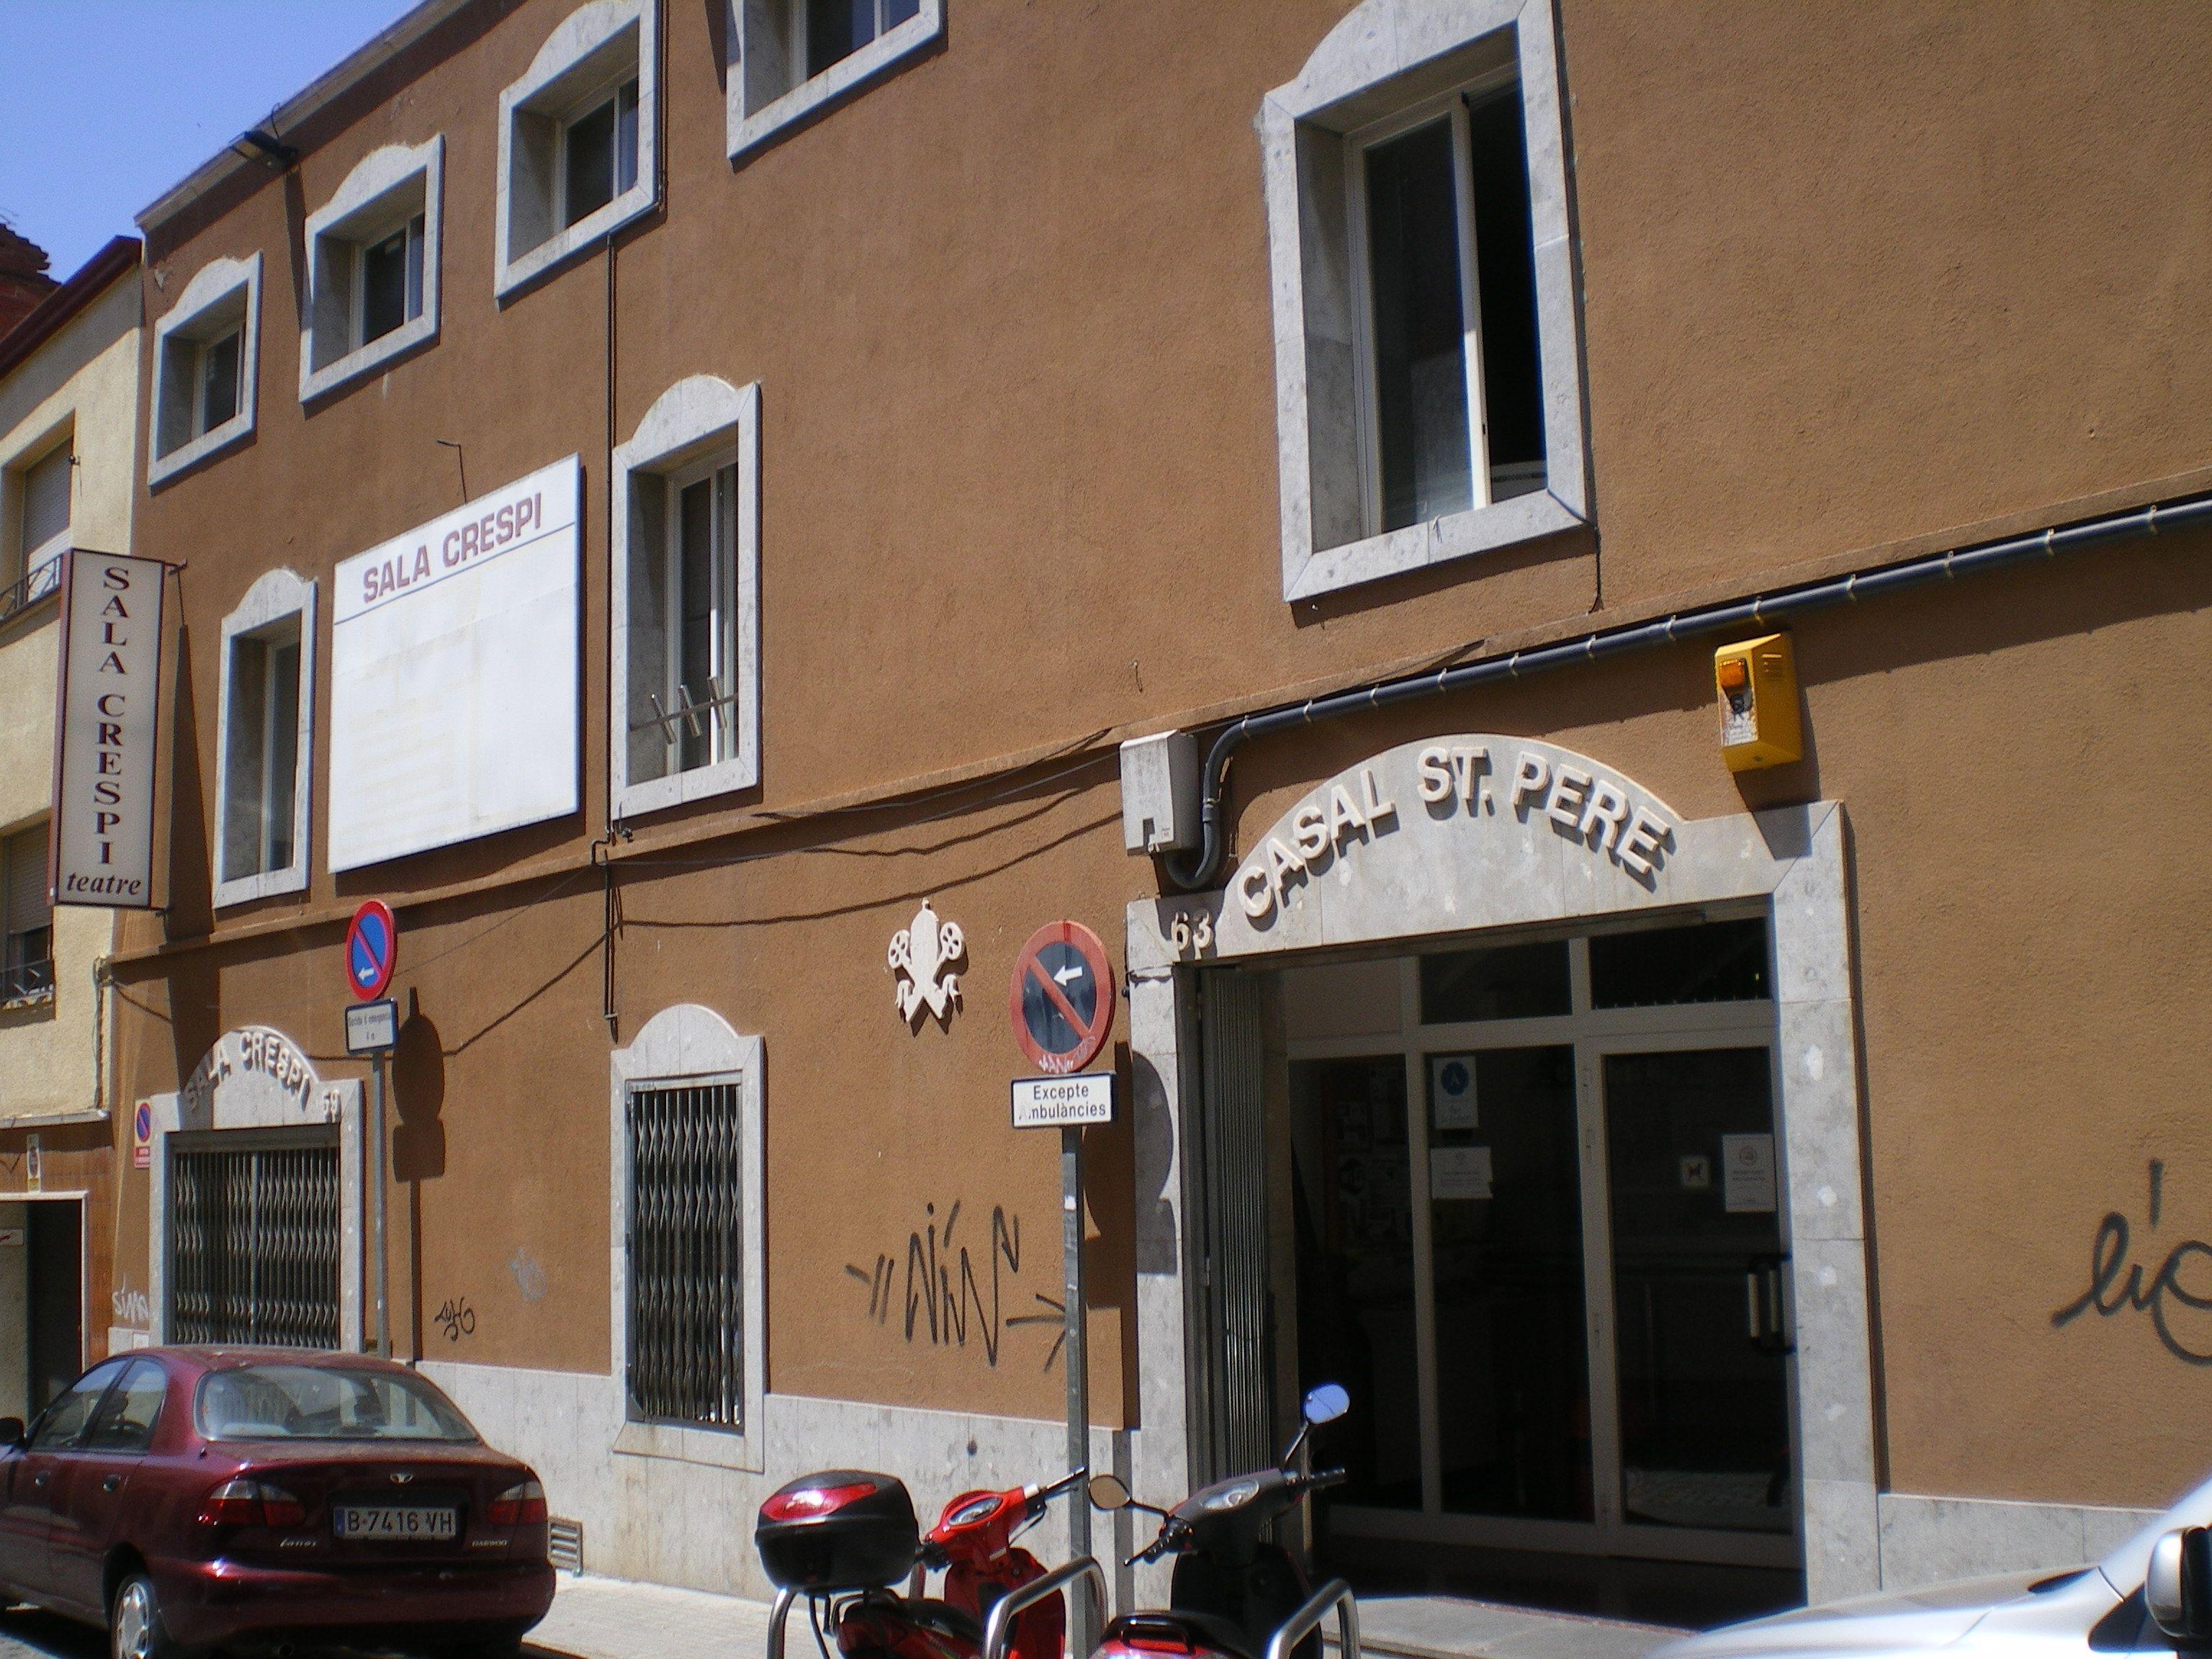 Casal de Sant Pere, Terrassa  http://www.casalstpere.com/